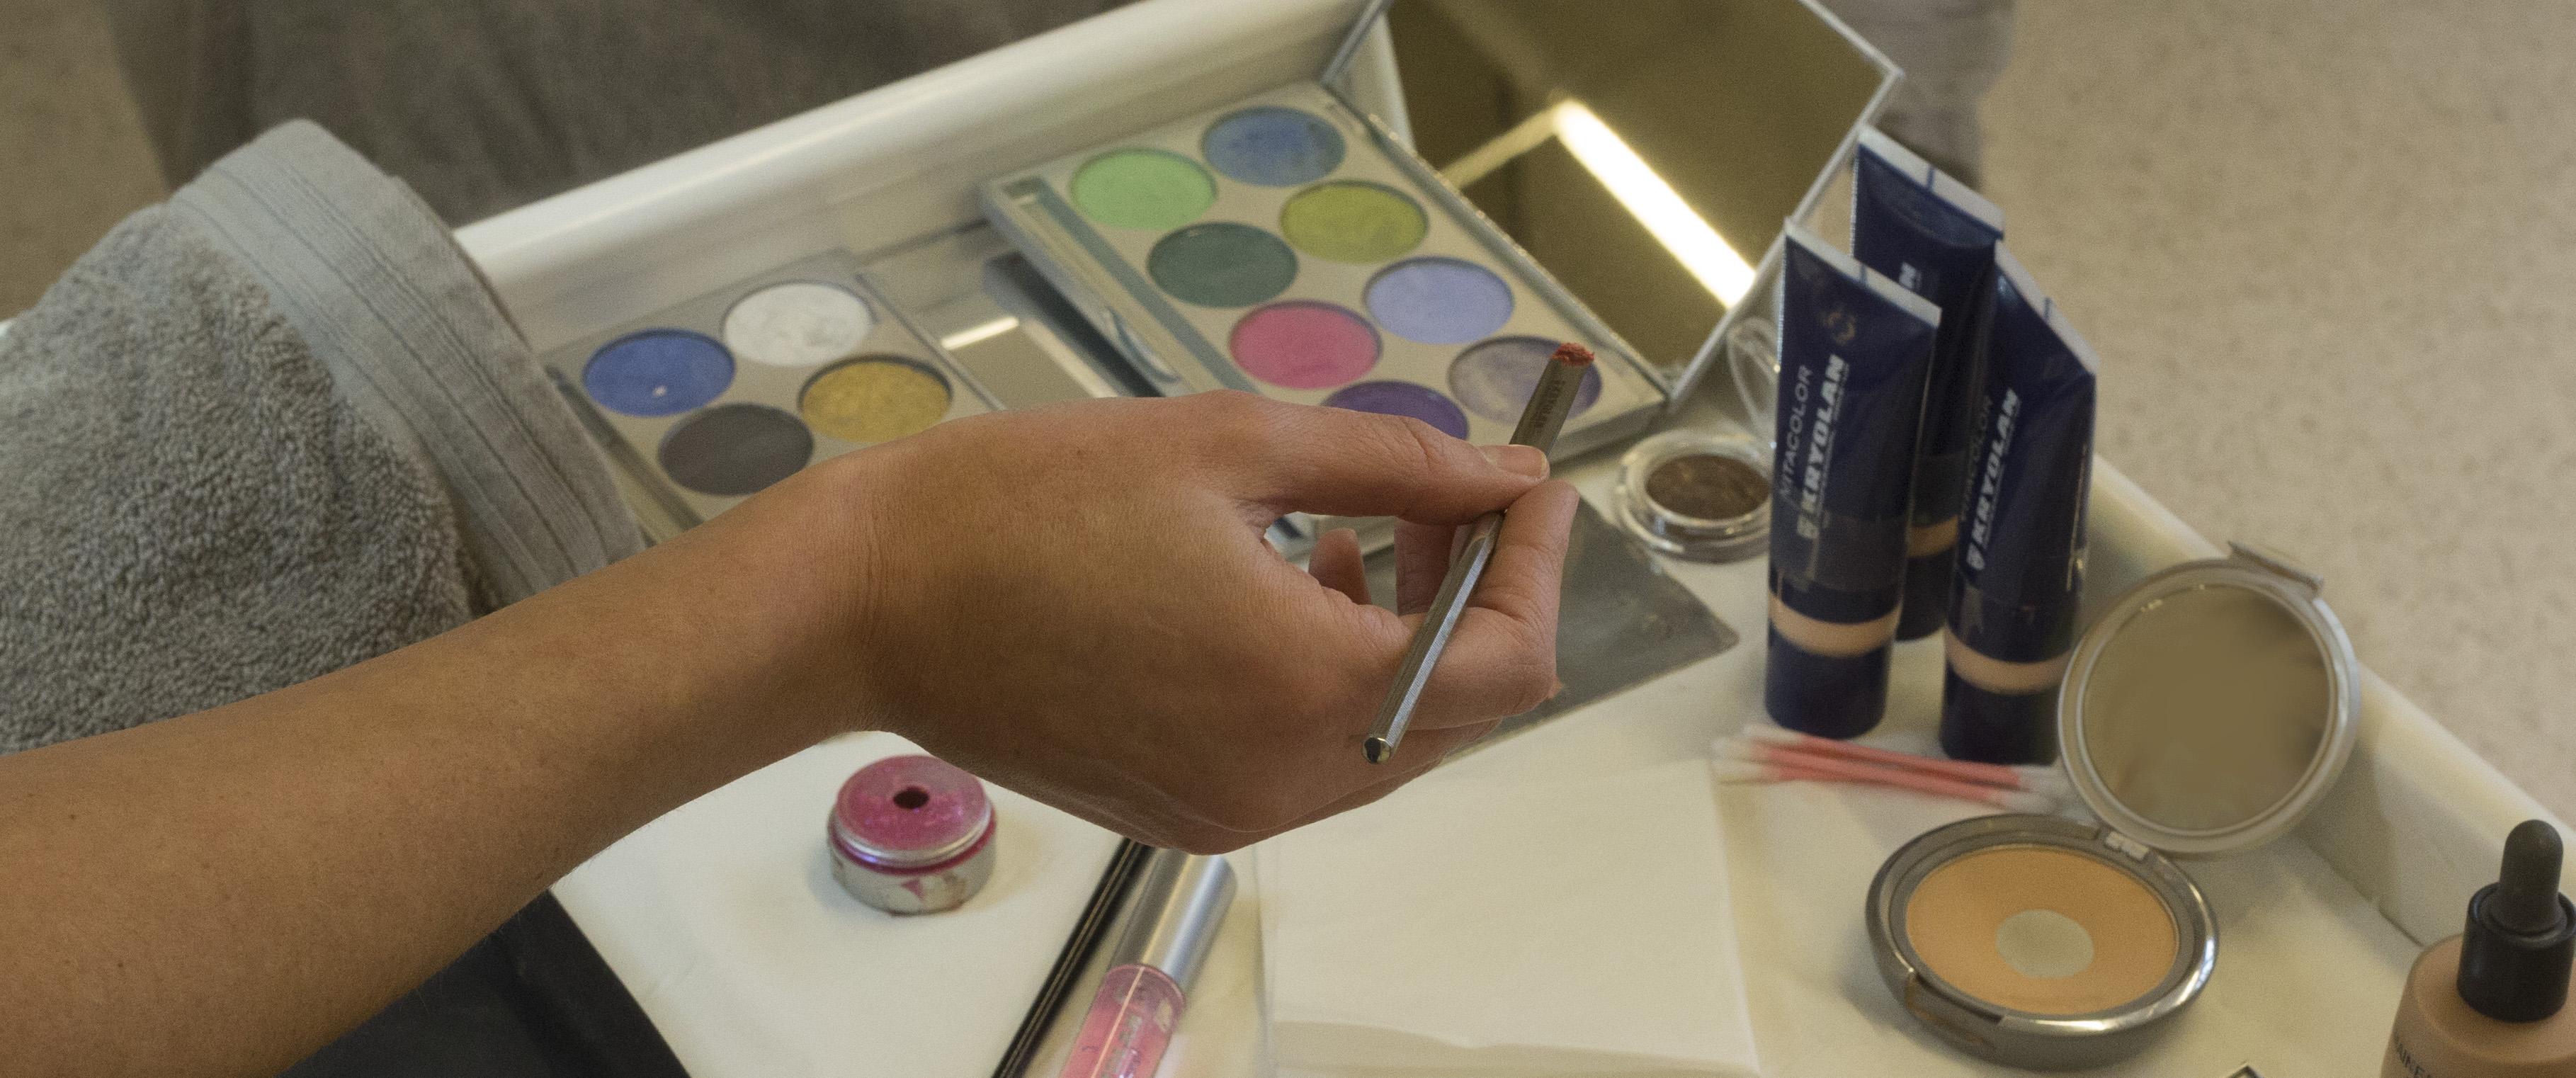 SV_25_dichtbij_werkpost_make-up